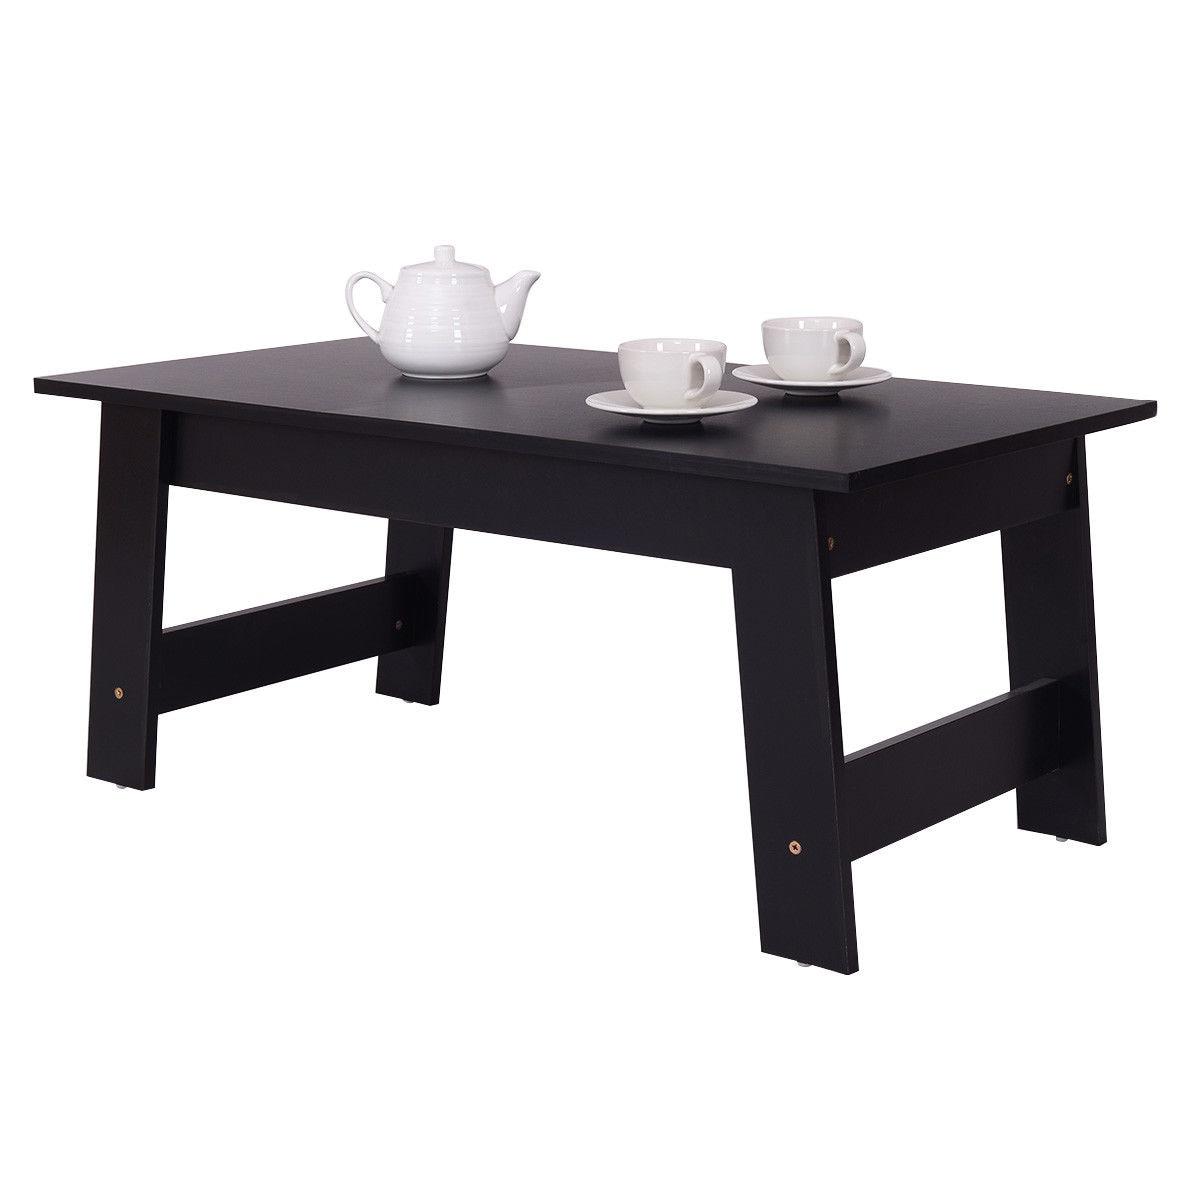 Giantex удобный Кофе стол современный Гостиная сторона столик Украшения дома и офиса черный Деревянная мебель hw54816bk